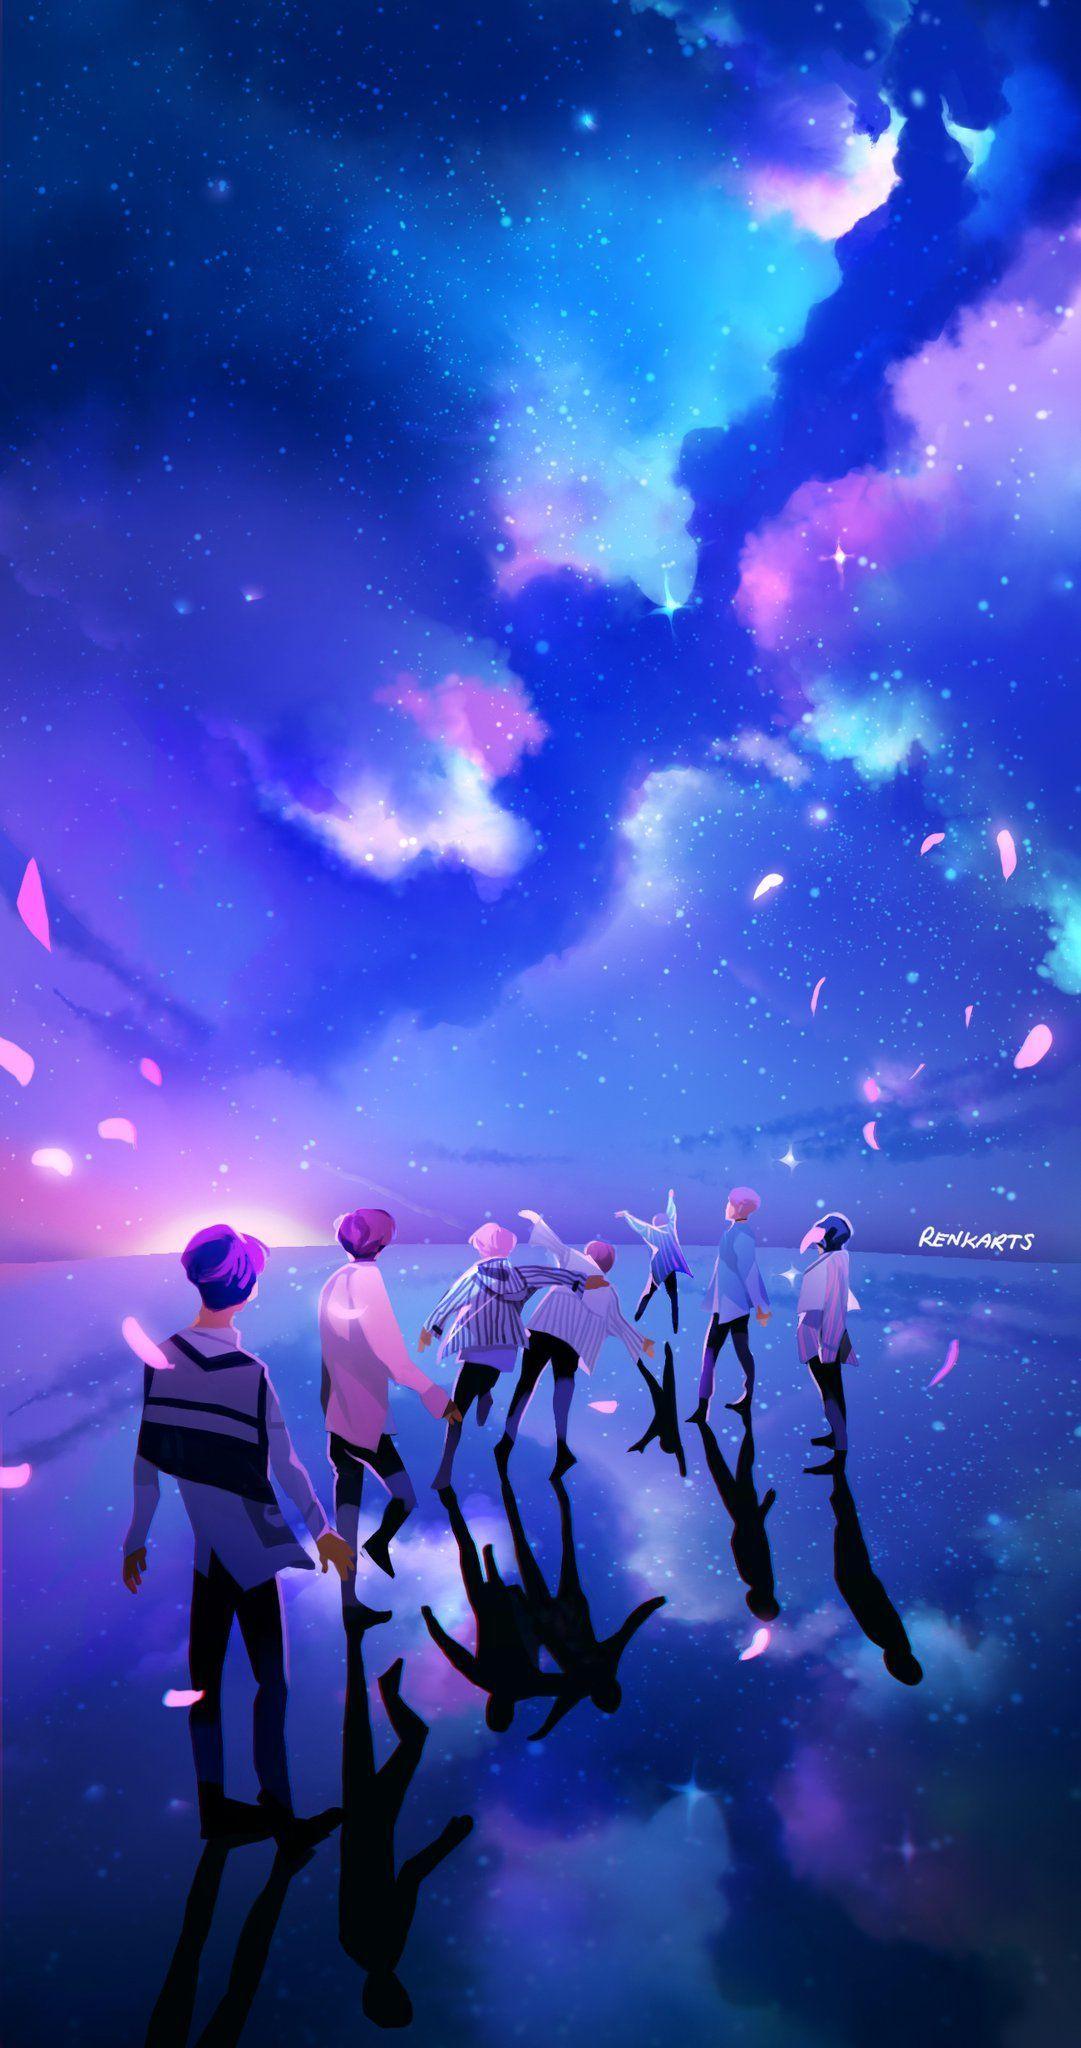 Resultado De Imagen Para Bts Fondo De Pantalla Bts Fanart Bts Wallpaper Bts Drawings Bts anime wallpaper hd